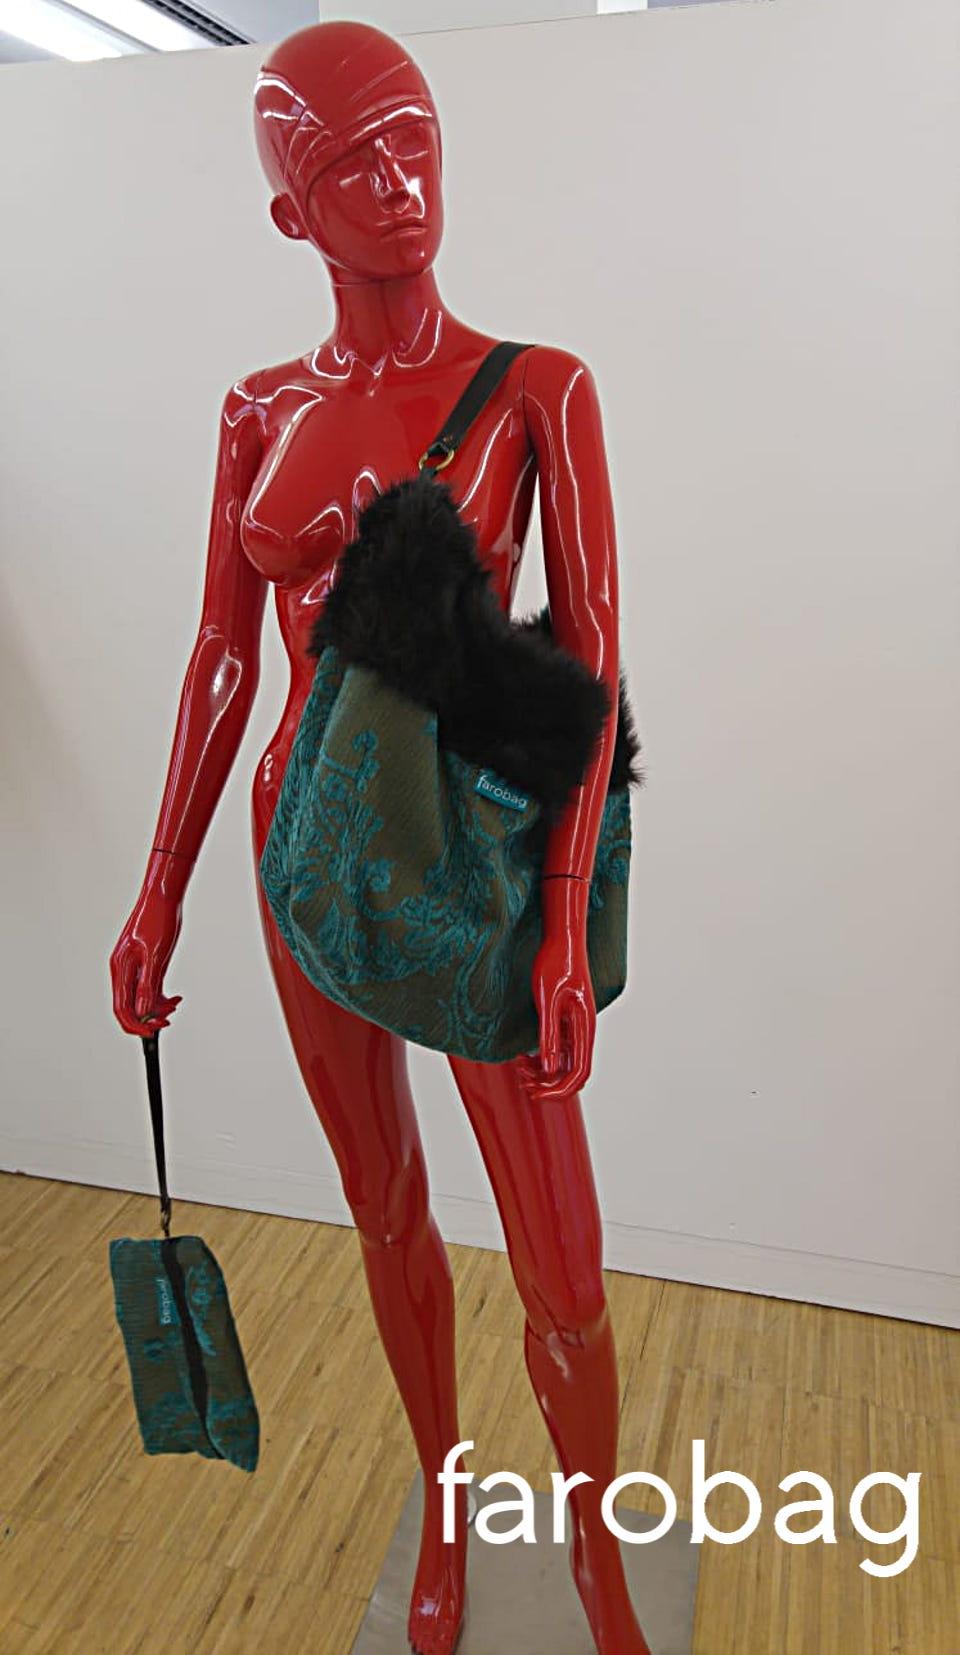 Maniquí rojo con bolso de Farobag